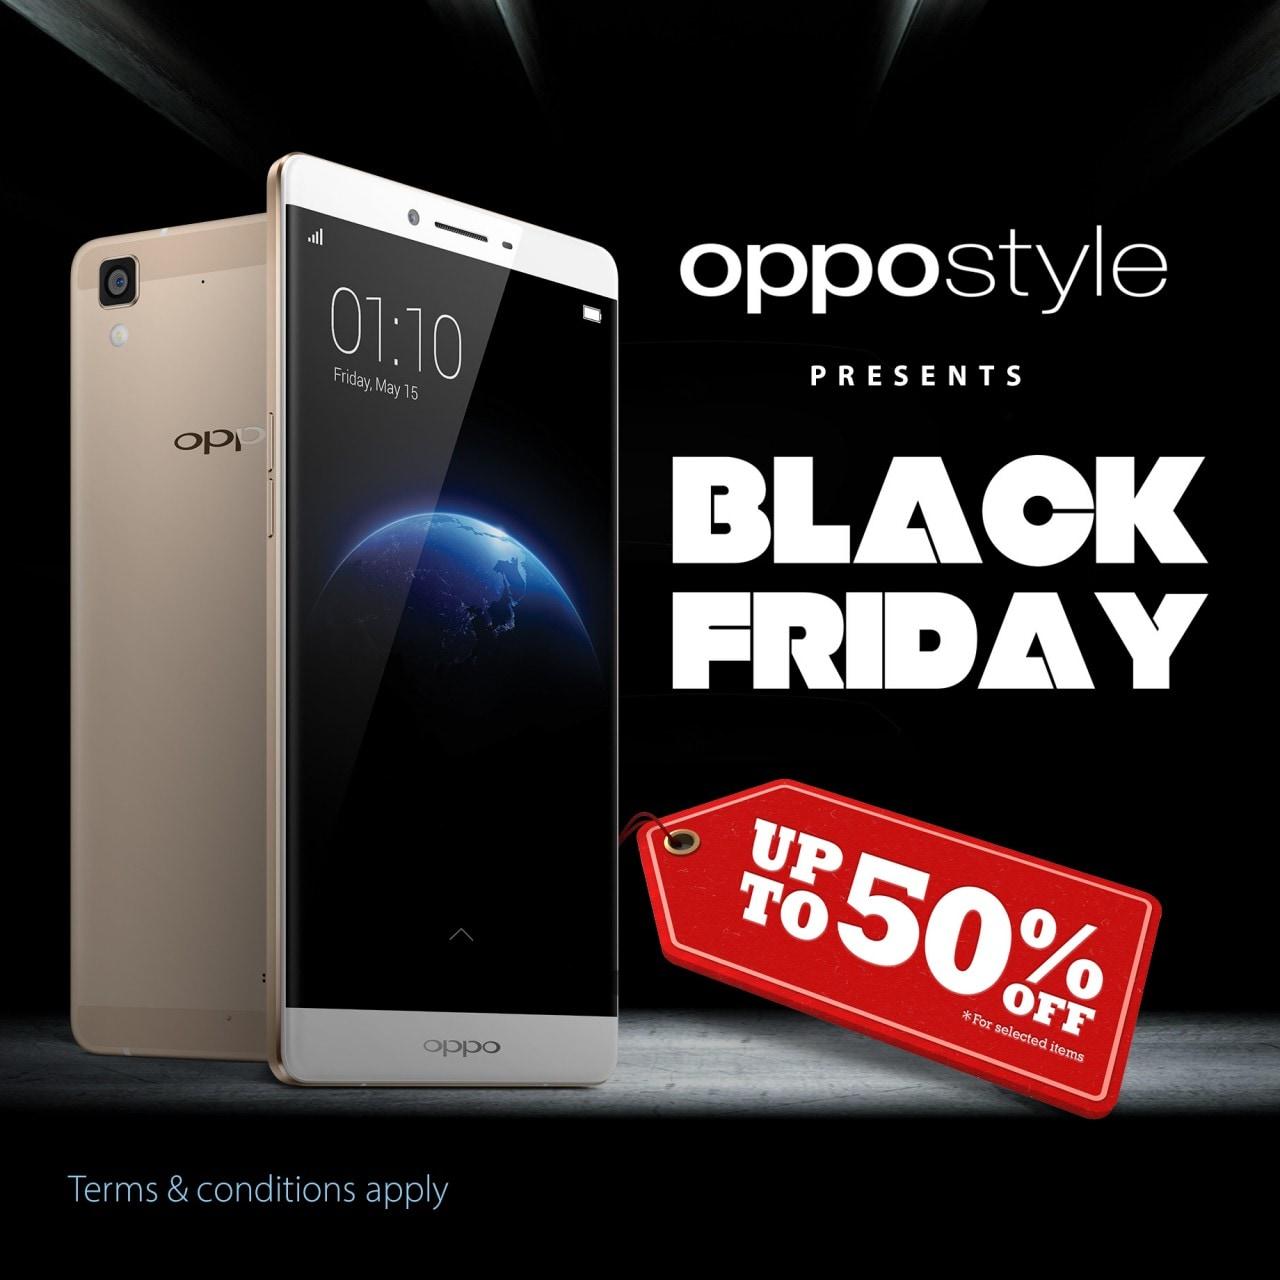 Il Black Friday di Oppo vi farà risparmiare 90€ su tutti questi smartphone, e sconti sugli accessori